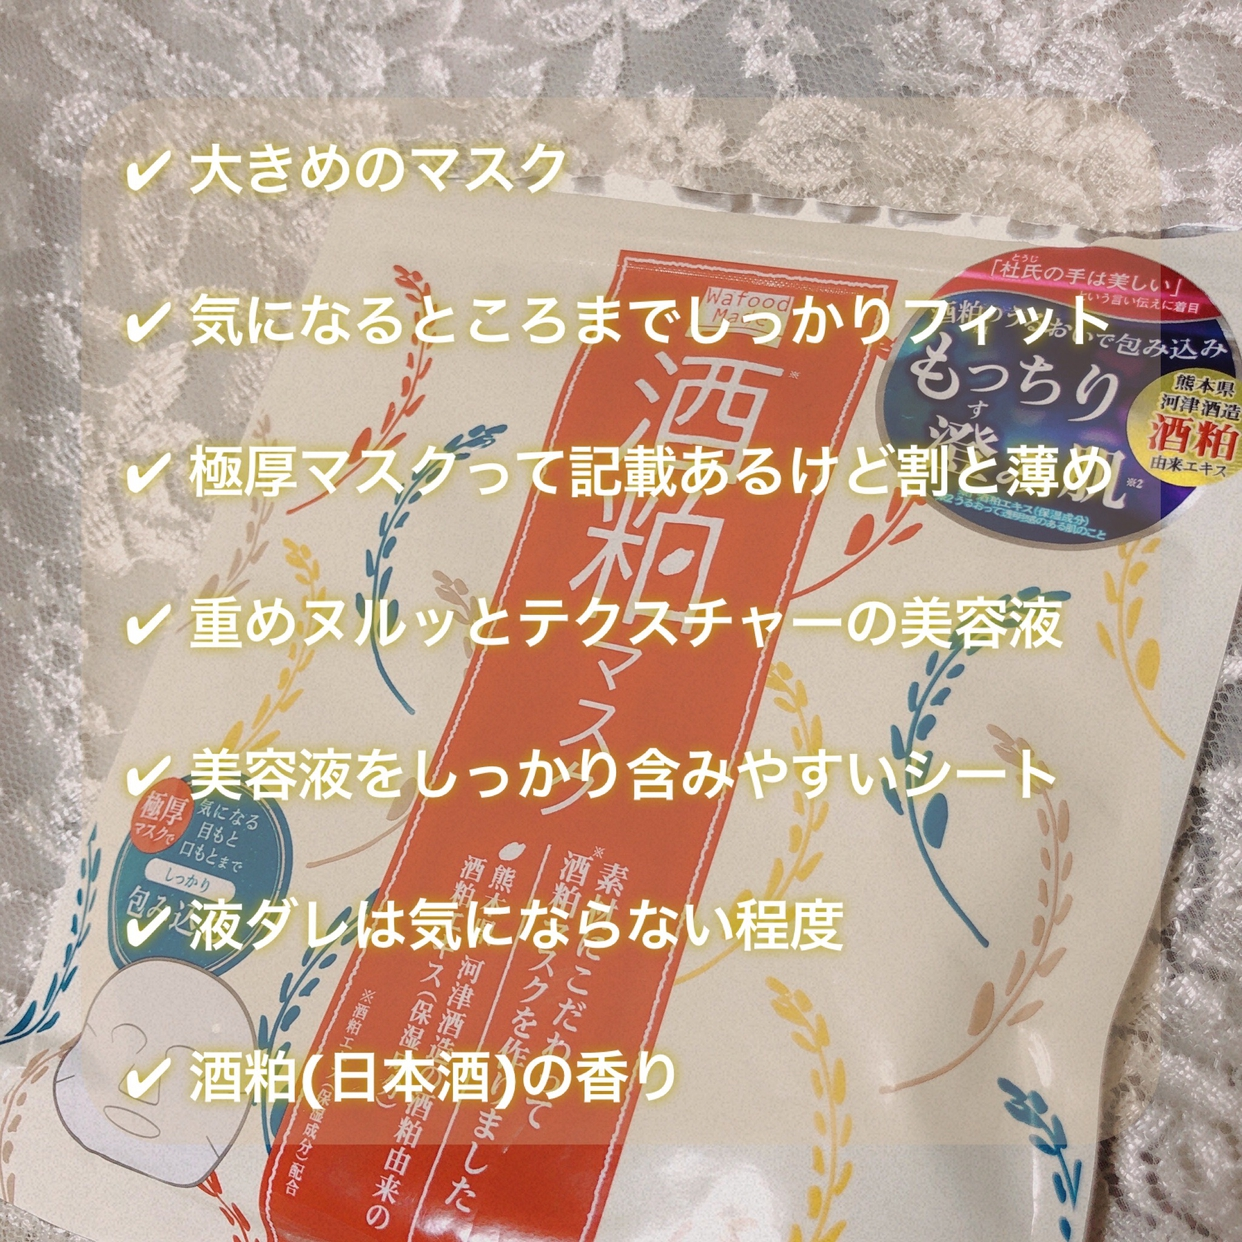 Wafood Made(ワフードメイド) SKマスク (酒粕マスク)を使ったsatomiさんのクチコミ画像2